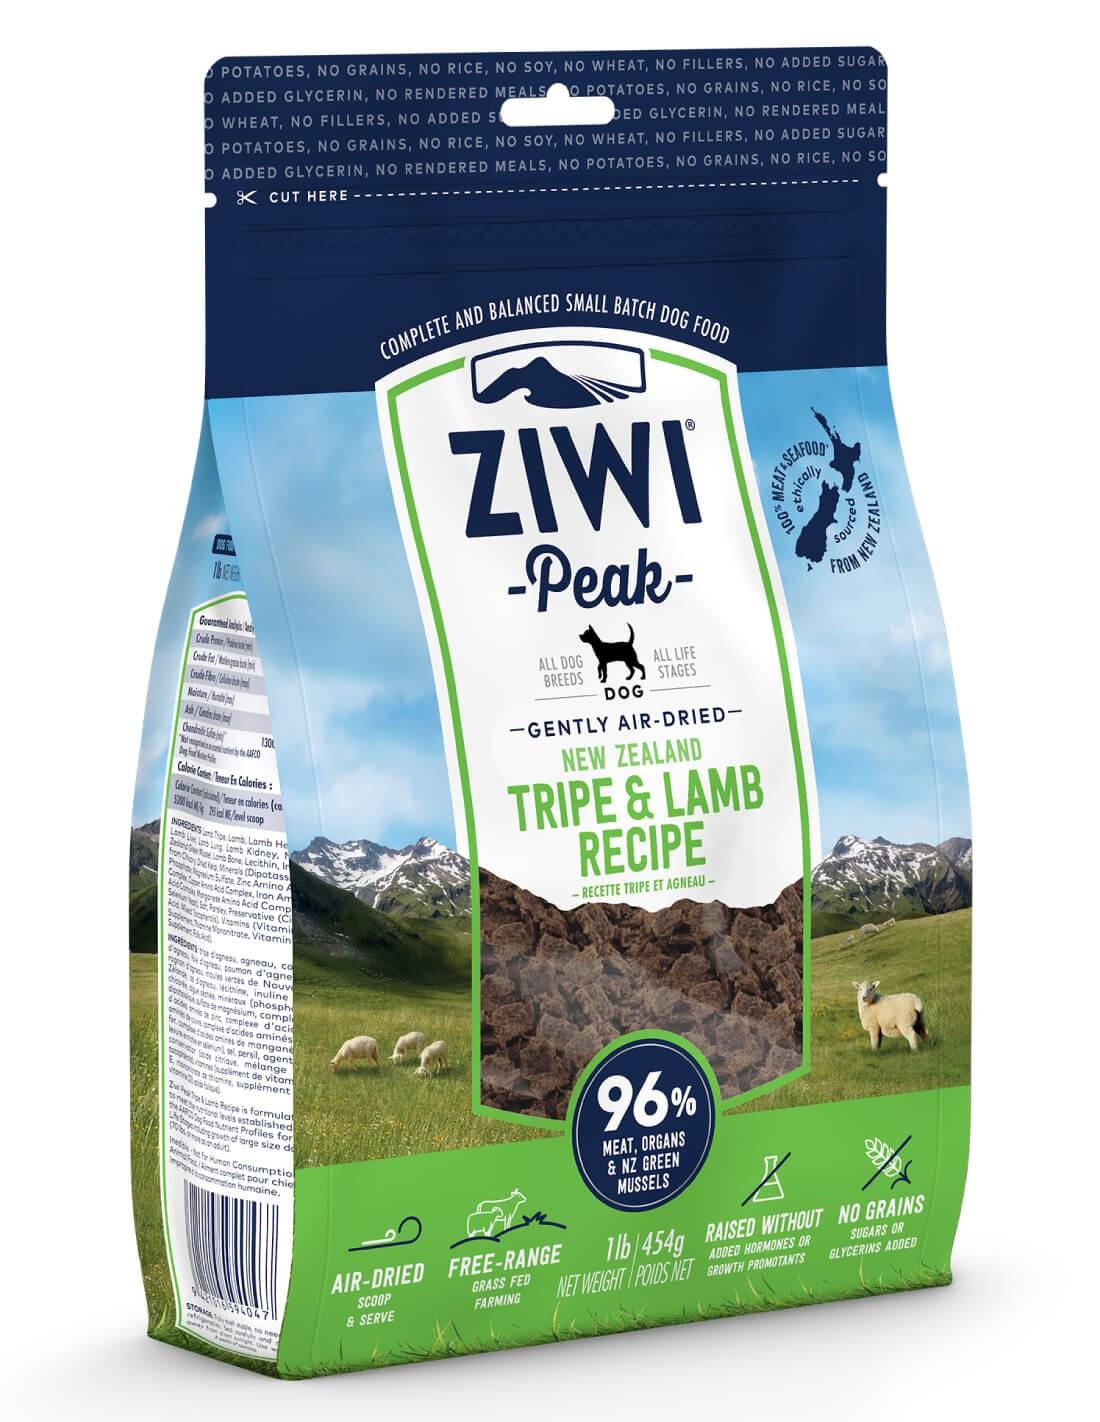 ZIWI PEAK Air-Dried Callos y Cordero -Pienso holístico perro